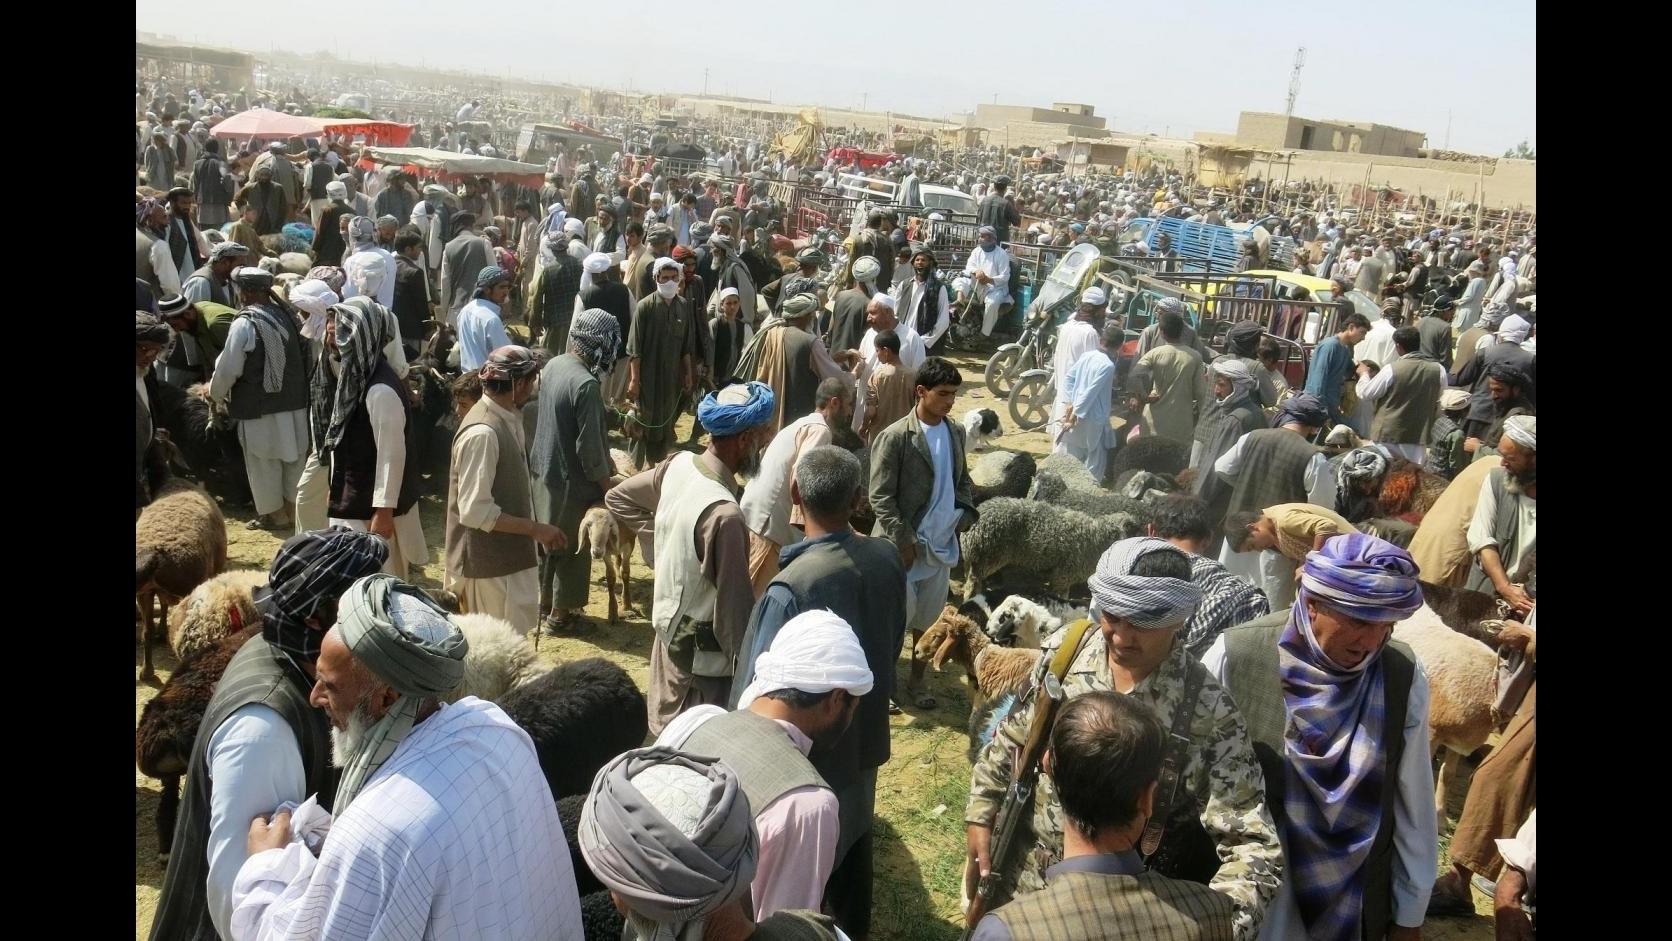 Ressa a La Mecca, re Salman ordina revisione sicurezza Hajj